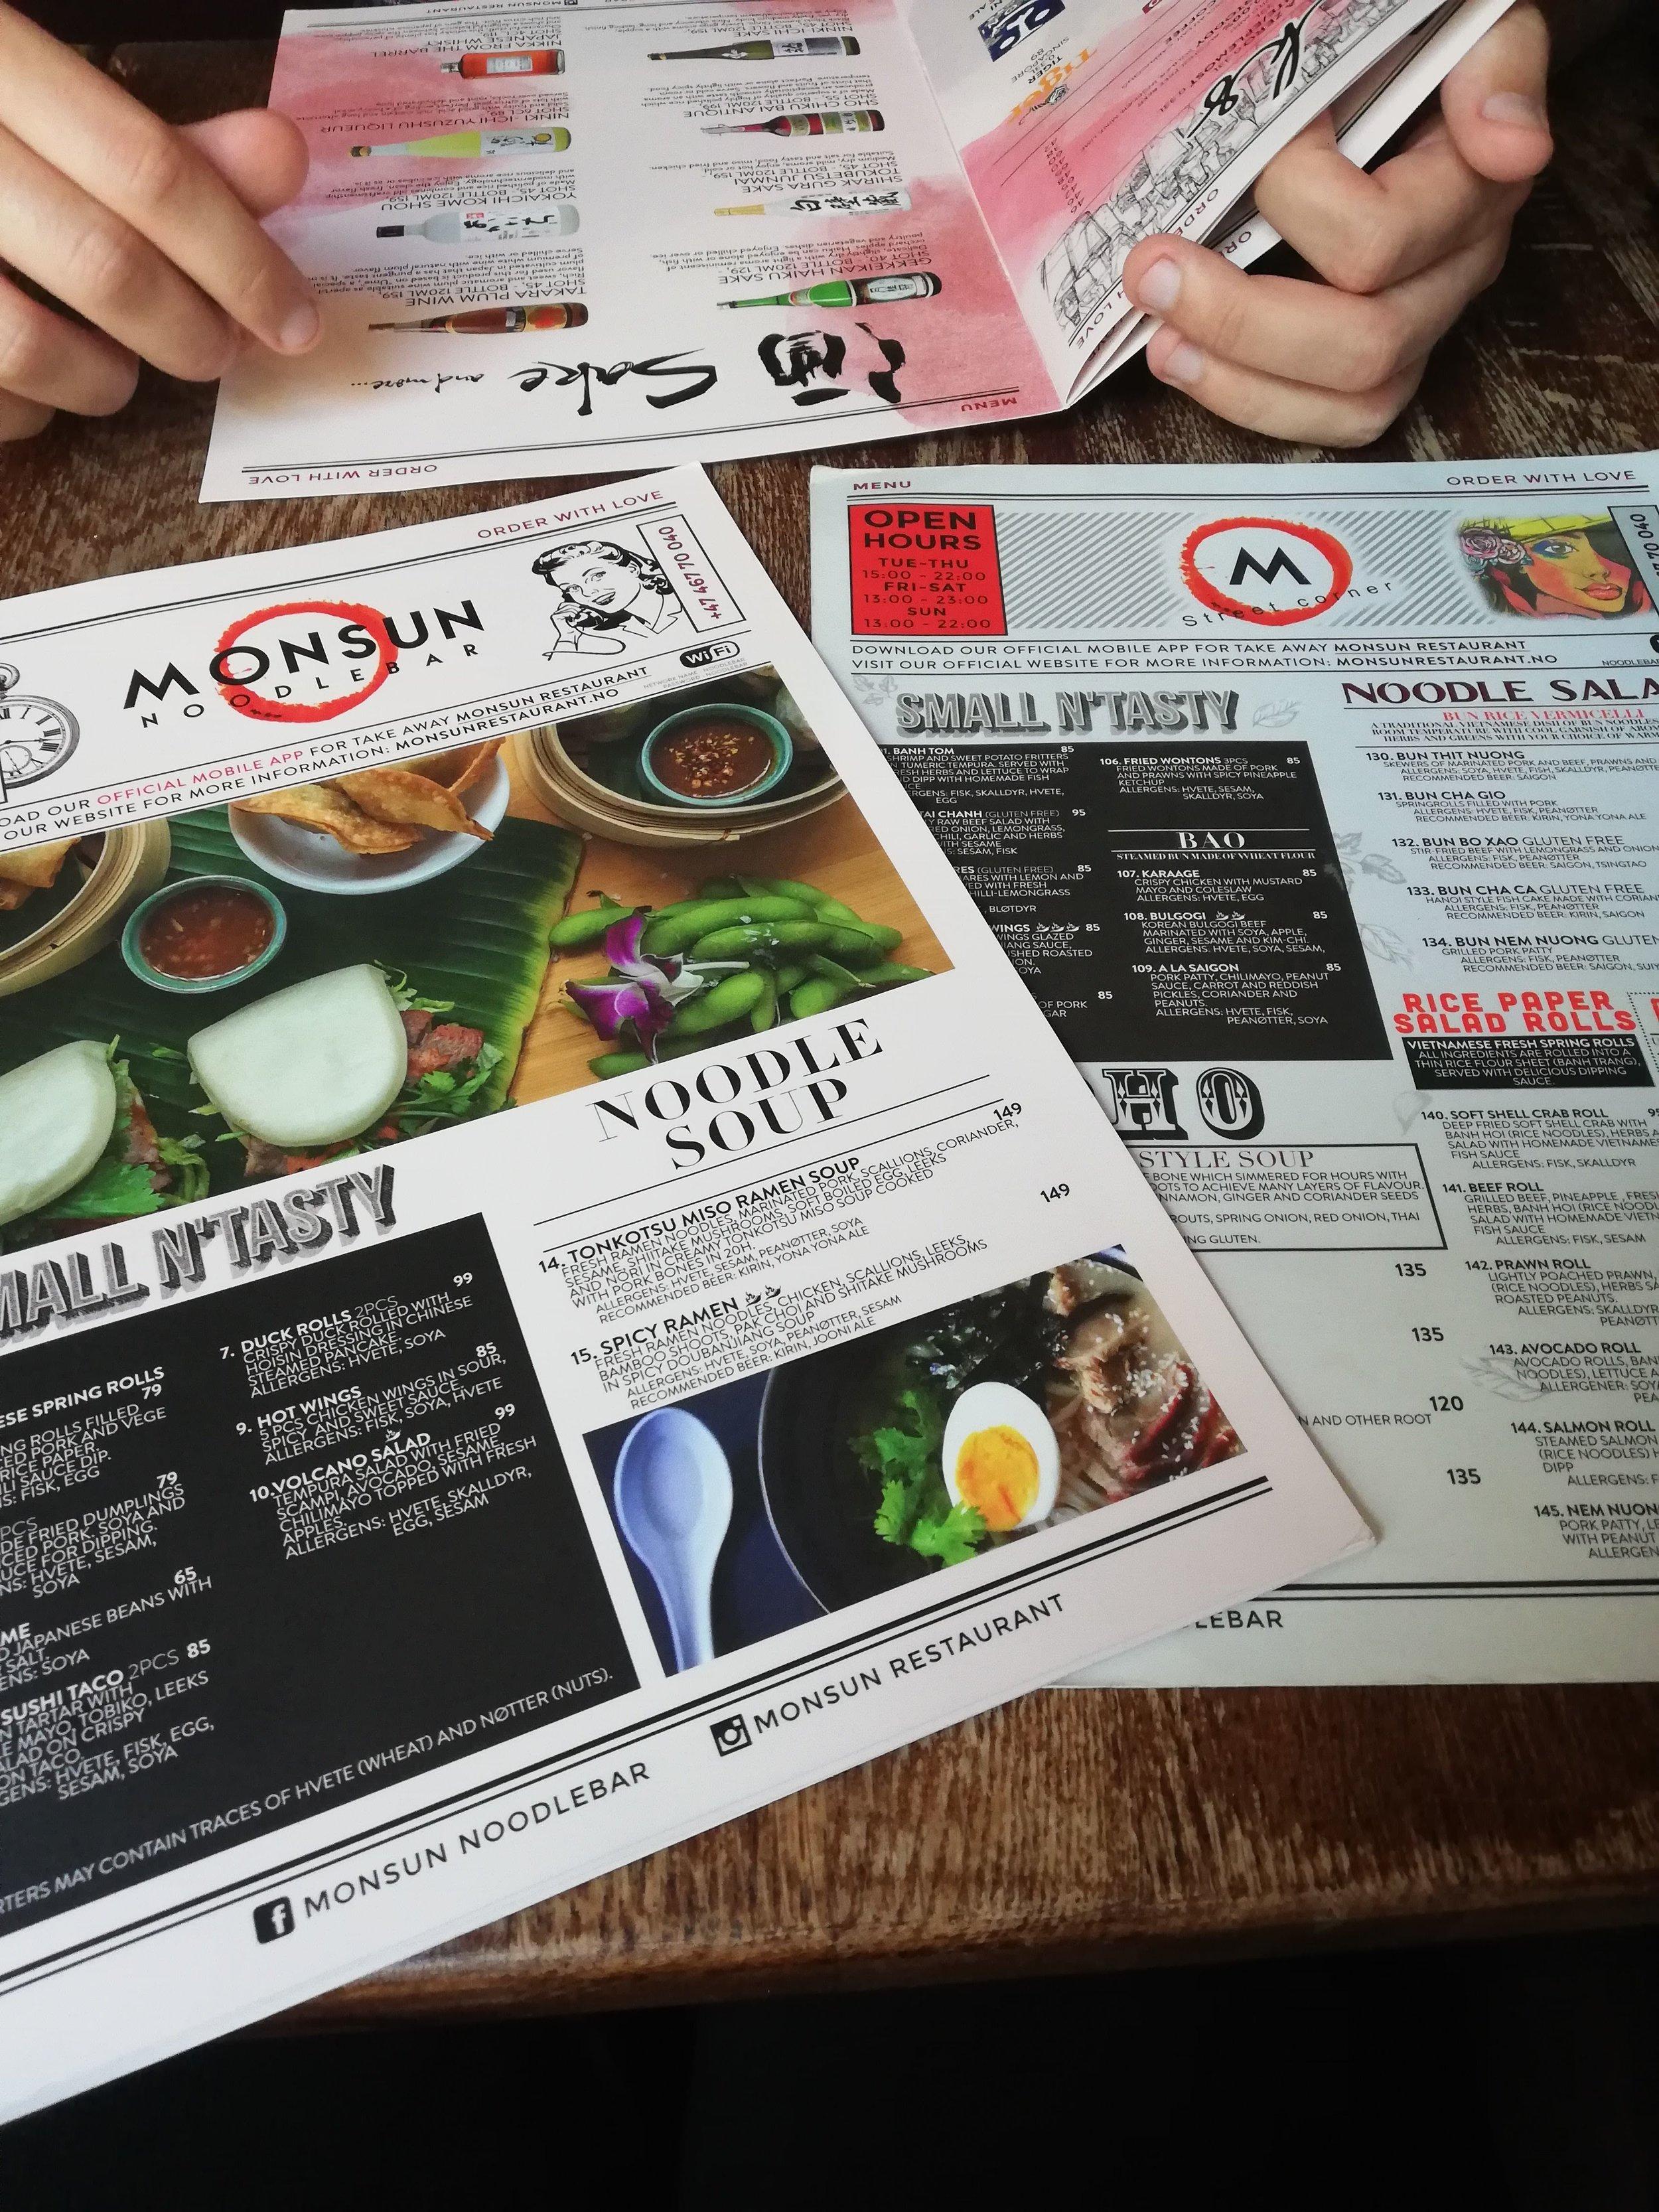 Monsun_restaurant_uttafor_boksen.jpg